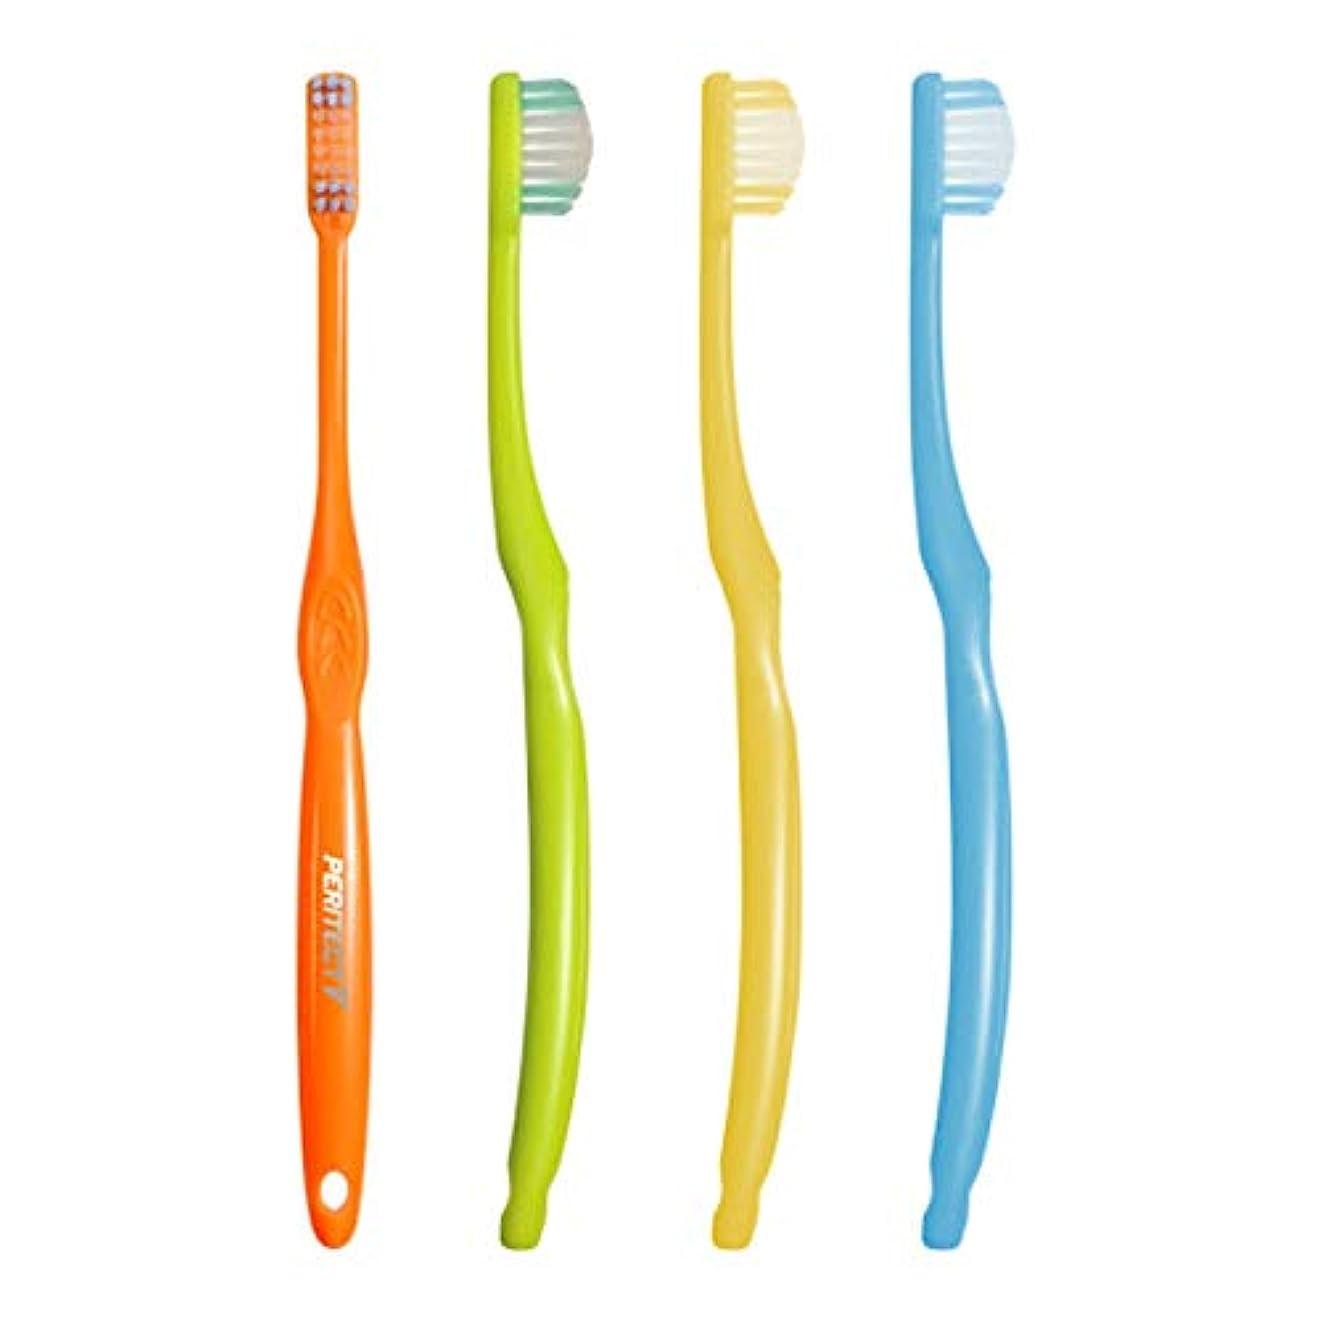 同化するレンチ委員会ビーブランド PERITECT V ペリテクト ブイ 6M(やわらかめ)×1本 歯ブラシ 歯科専売品